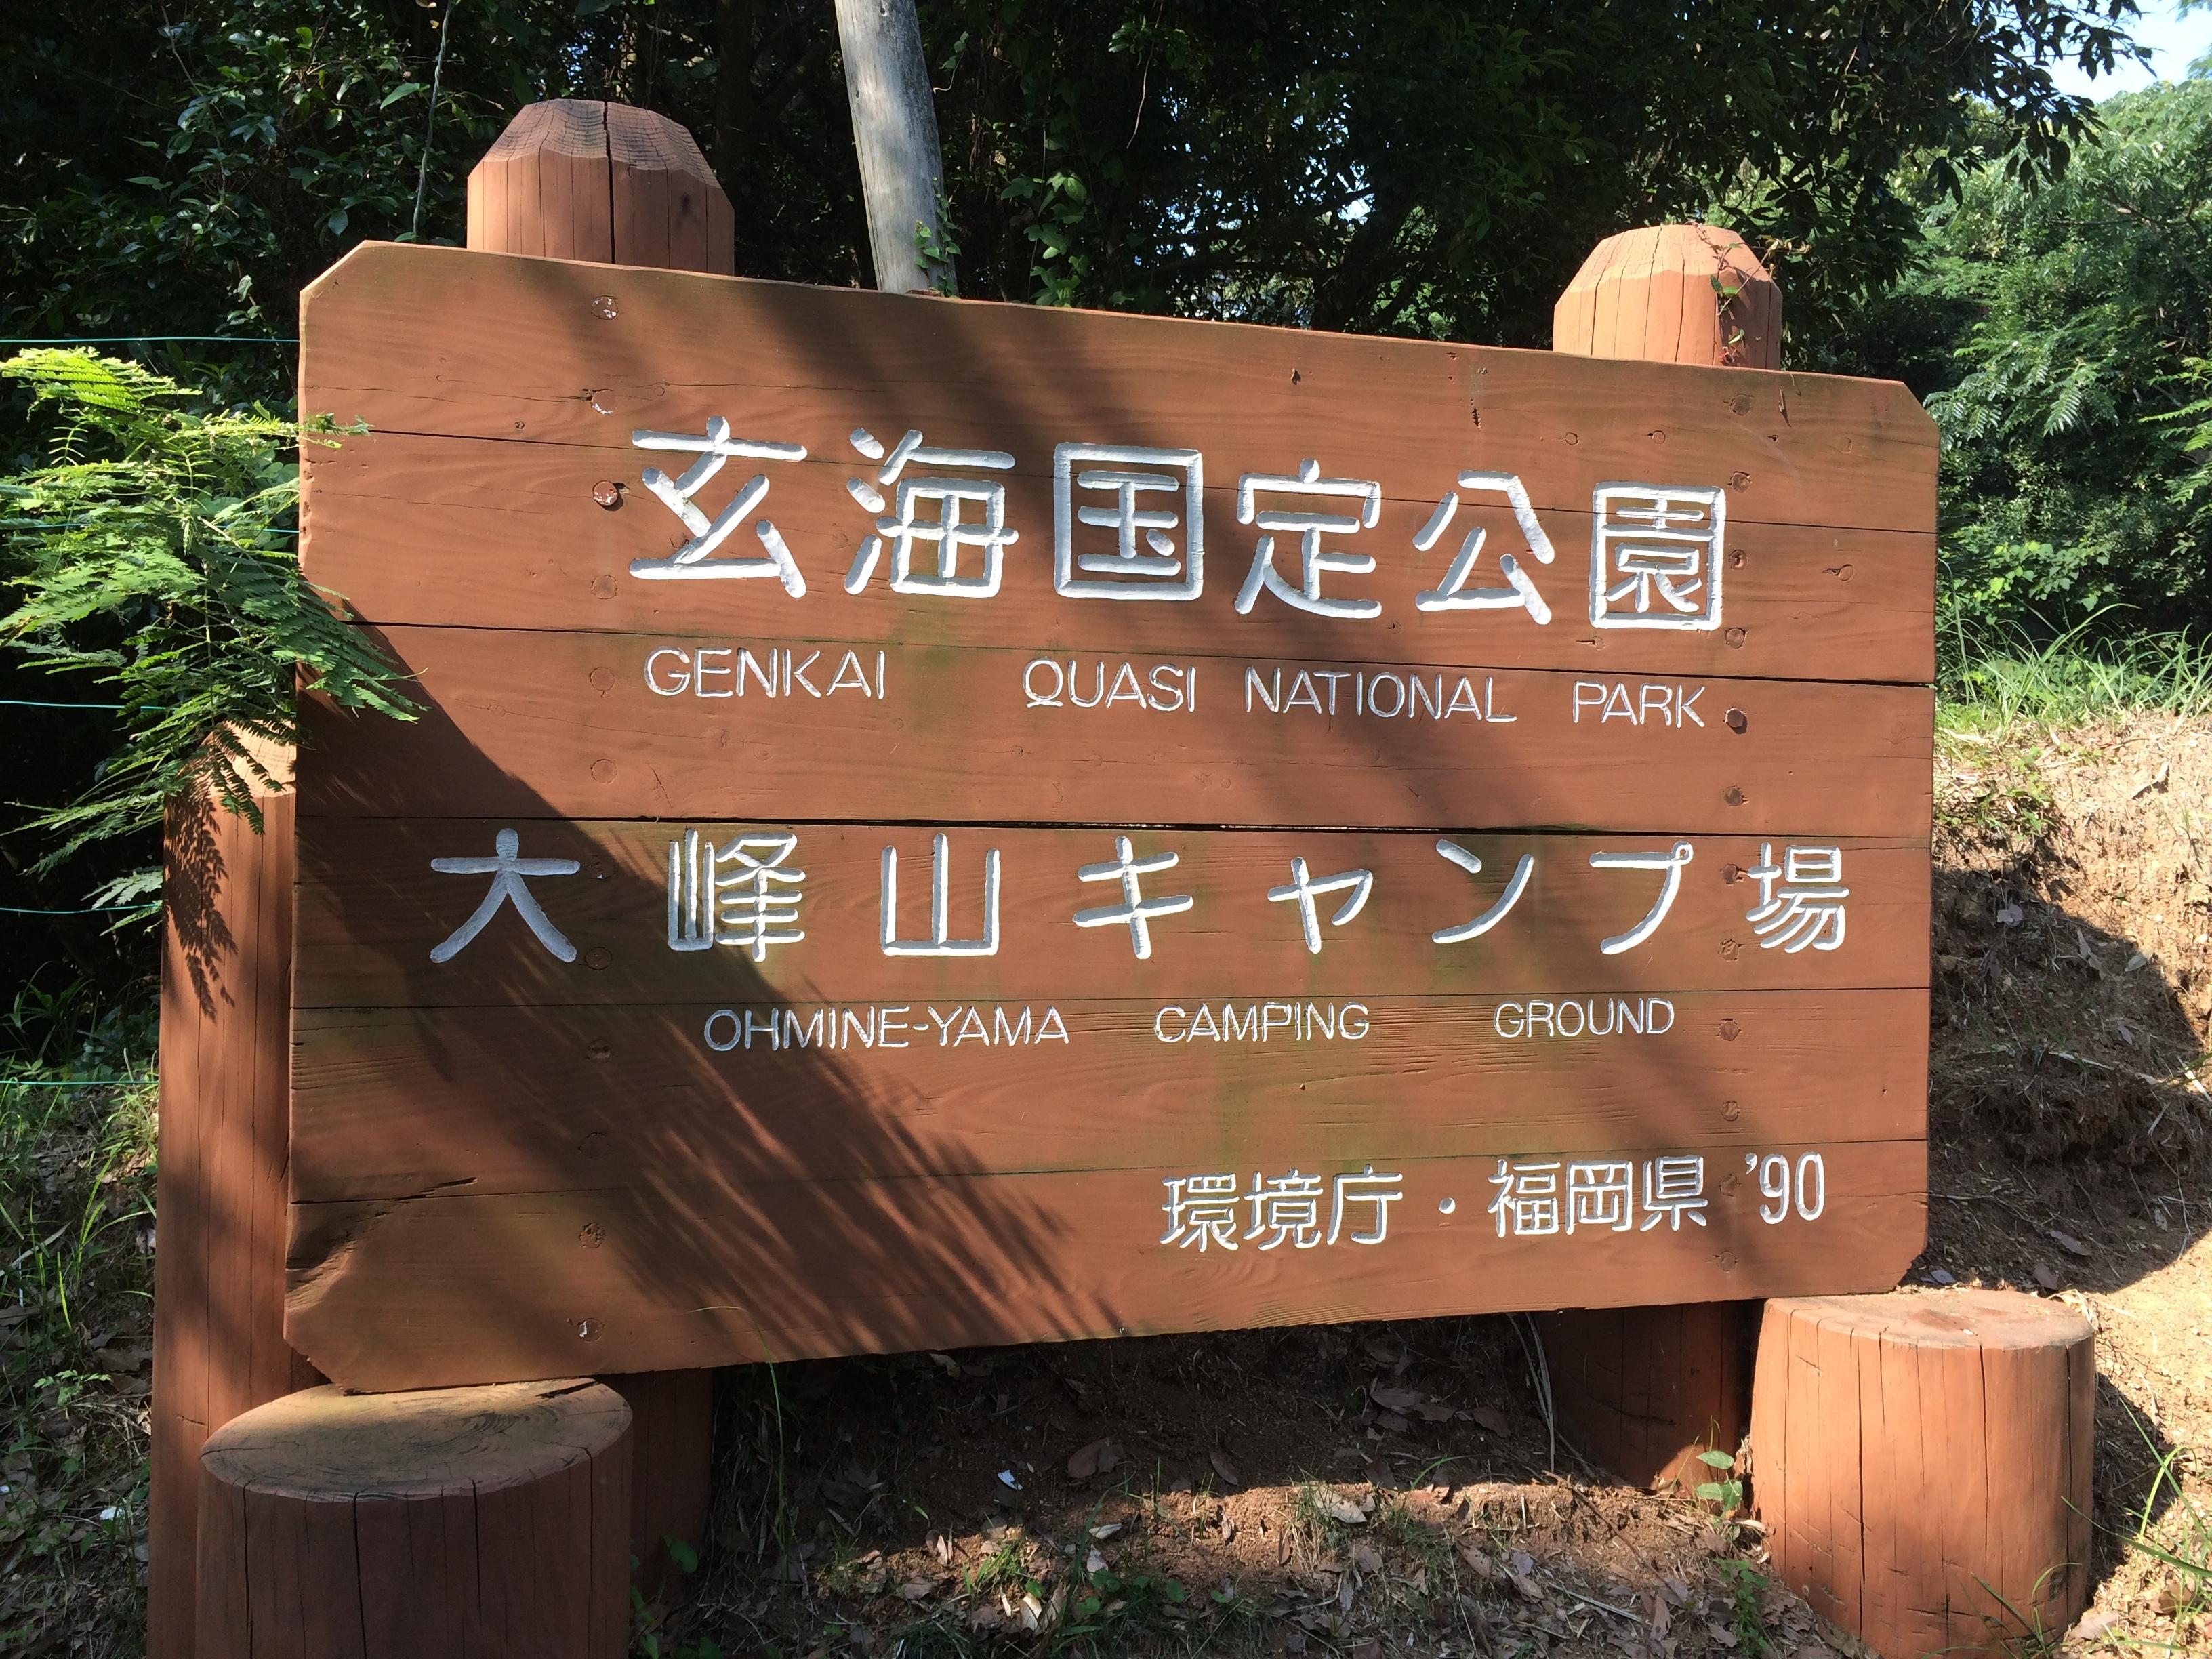 大峰山キャンプ場 看板